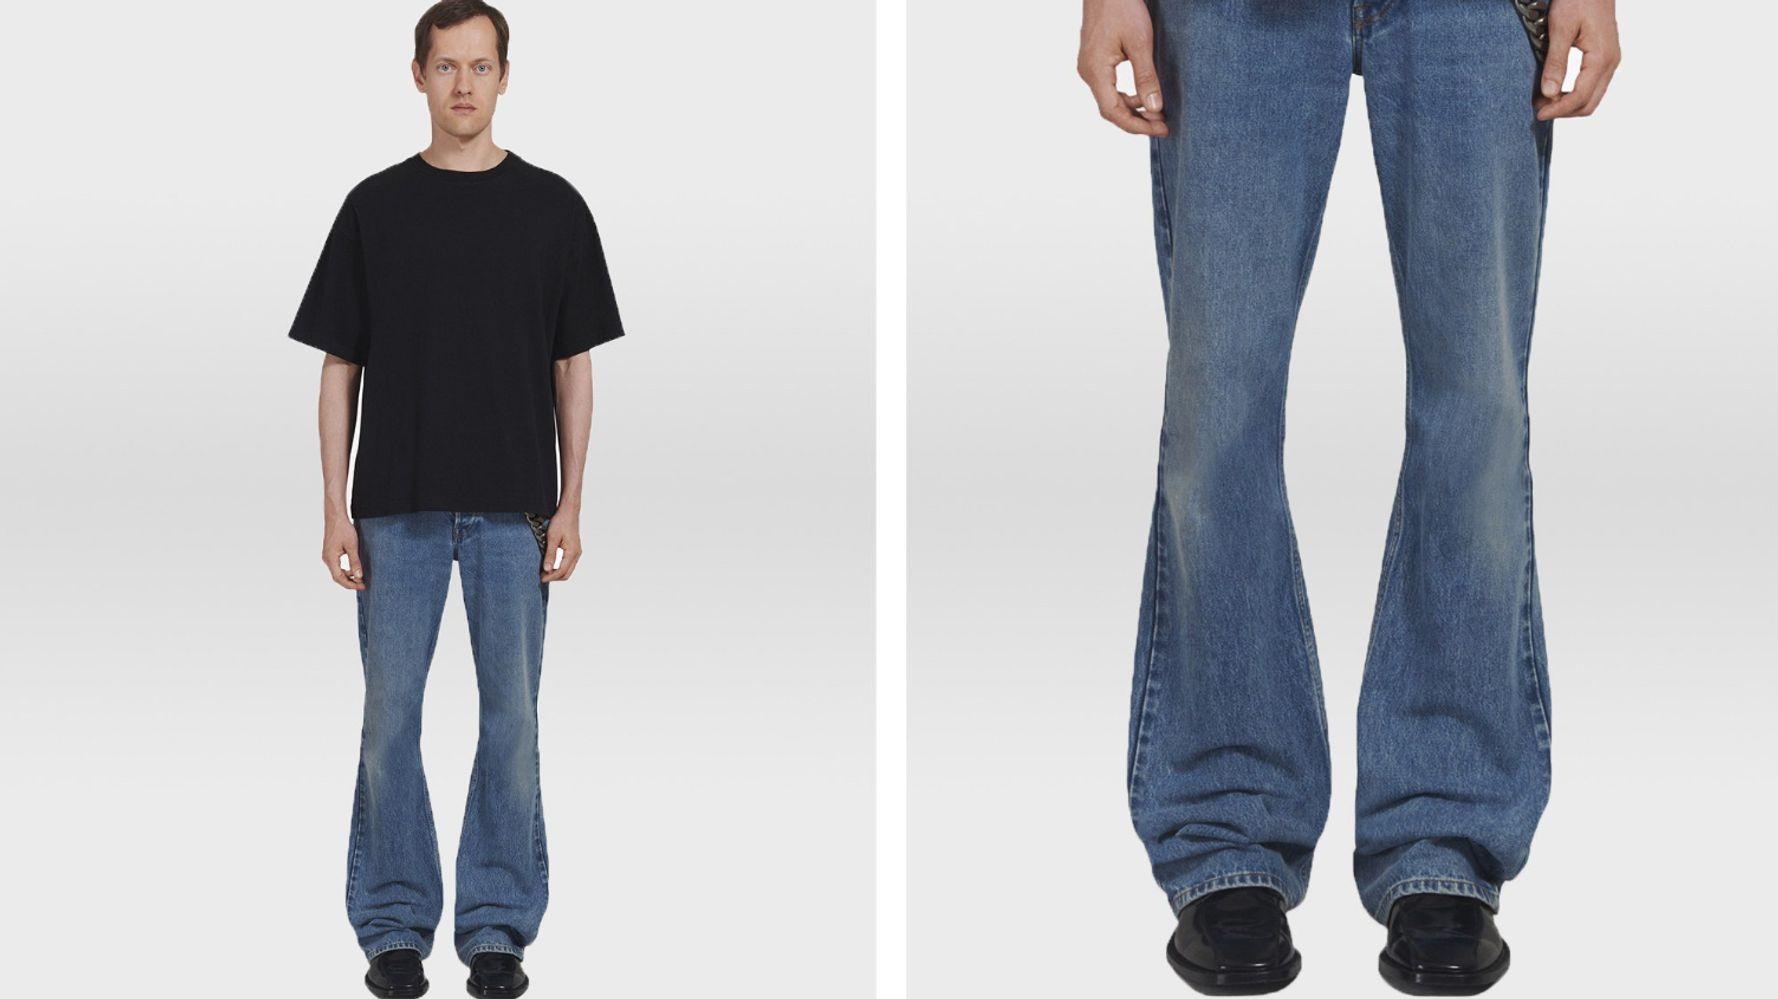 Le Pantalon Pattes D éléphant Pour Hommes Est De Retour Chrissy Teigen Est Contre Le Huffington Post Life